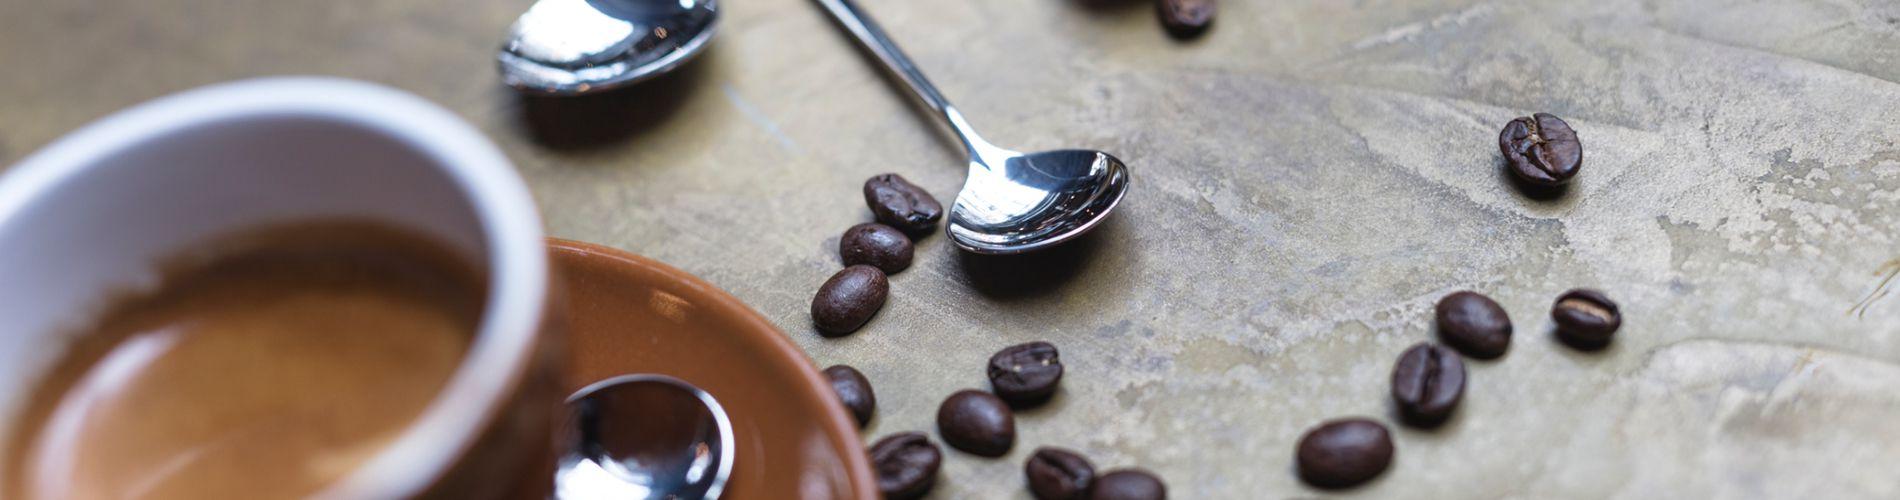 Kaffee- & Espressolöffel